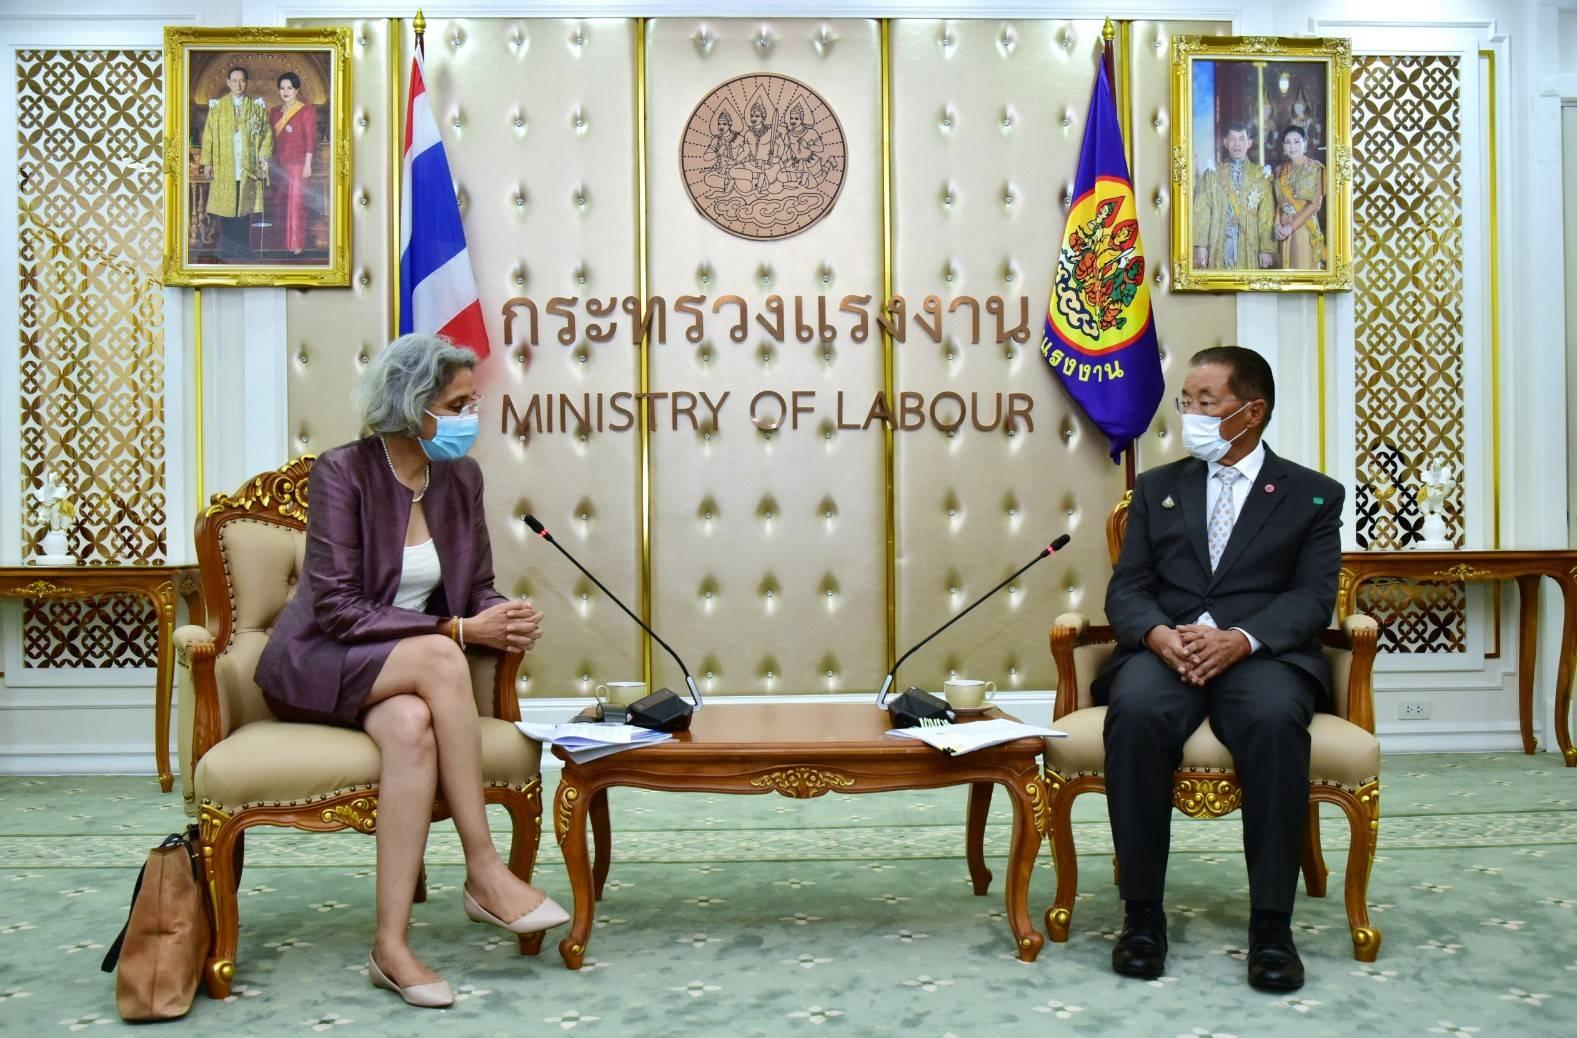 อธิบดีกรมการจัดหางาน ร่วมให้การต้อนรับผู้ประสานงานสหประชาชาติประจำประเทศไทย พร้อมด้วยผู้อำนวยการสำนักงานแรงงานระหว่างประเทศประจำประเทศไทย กัมพูชา และ สปป.ลาว